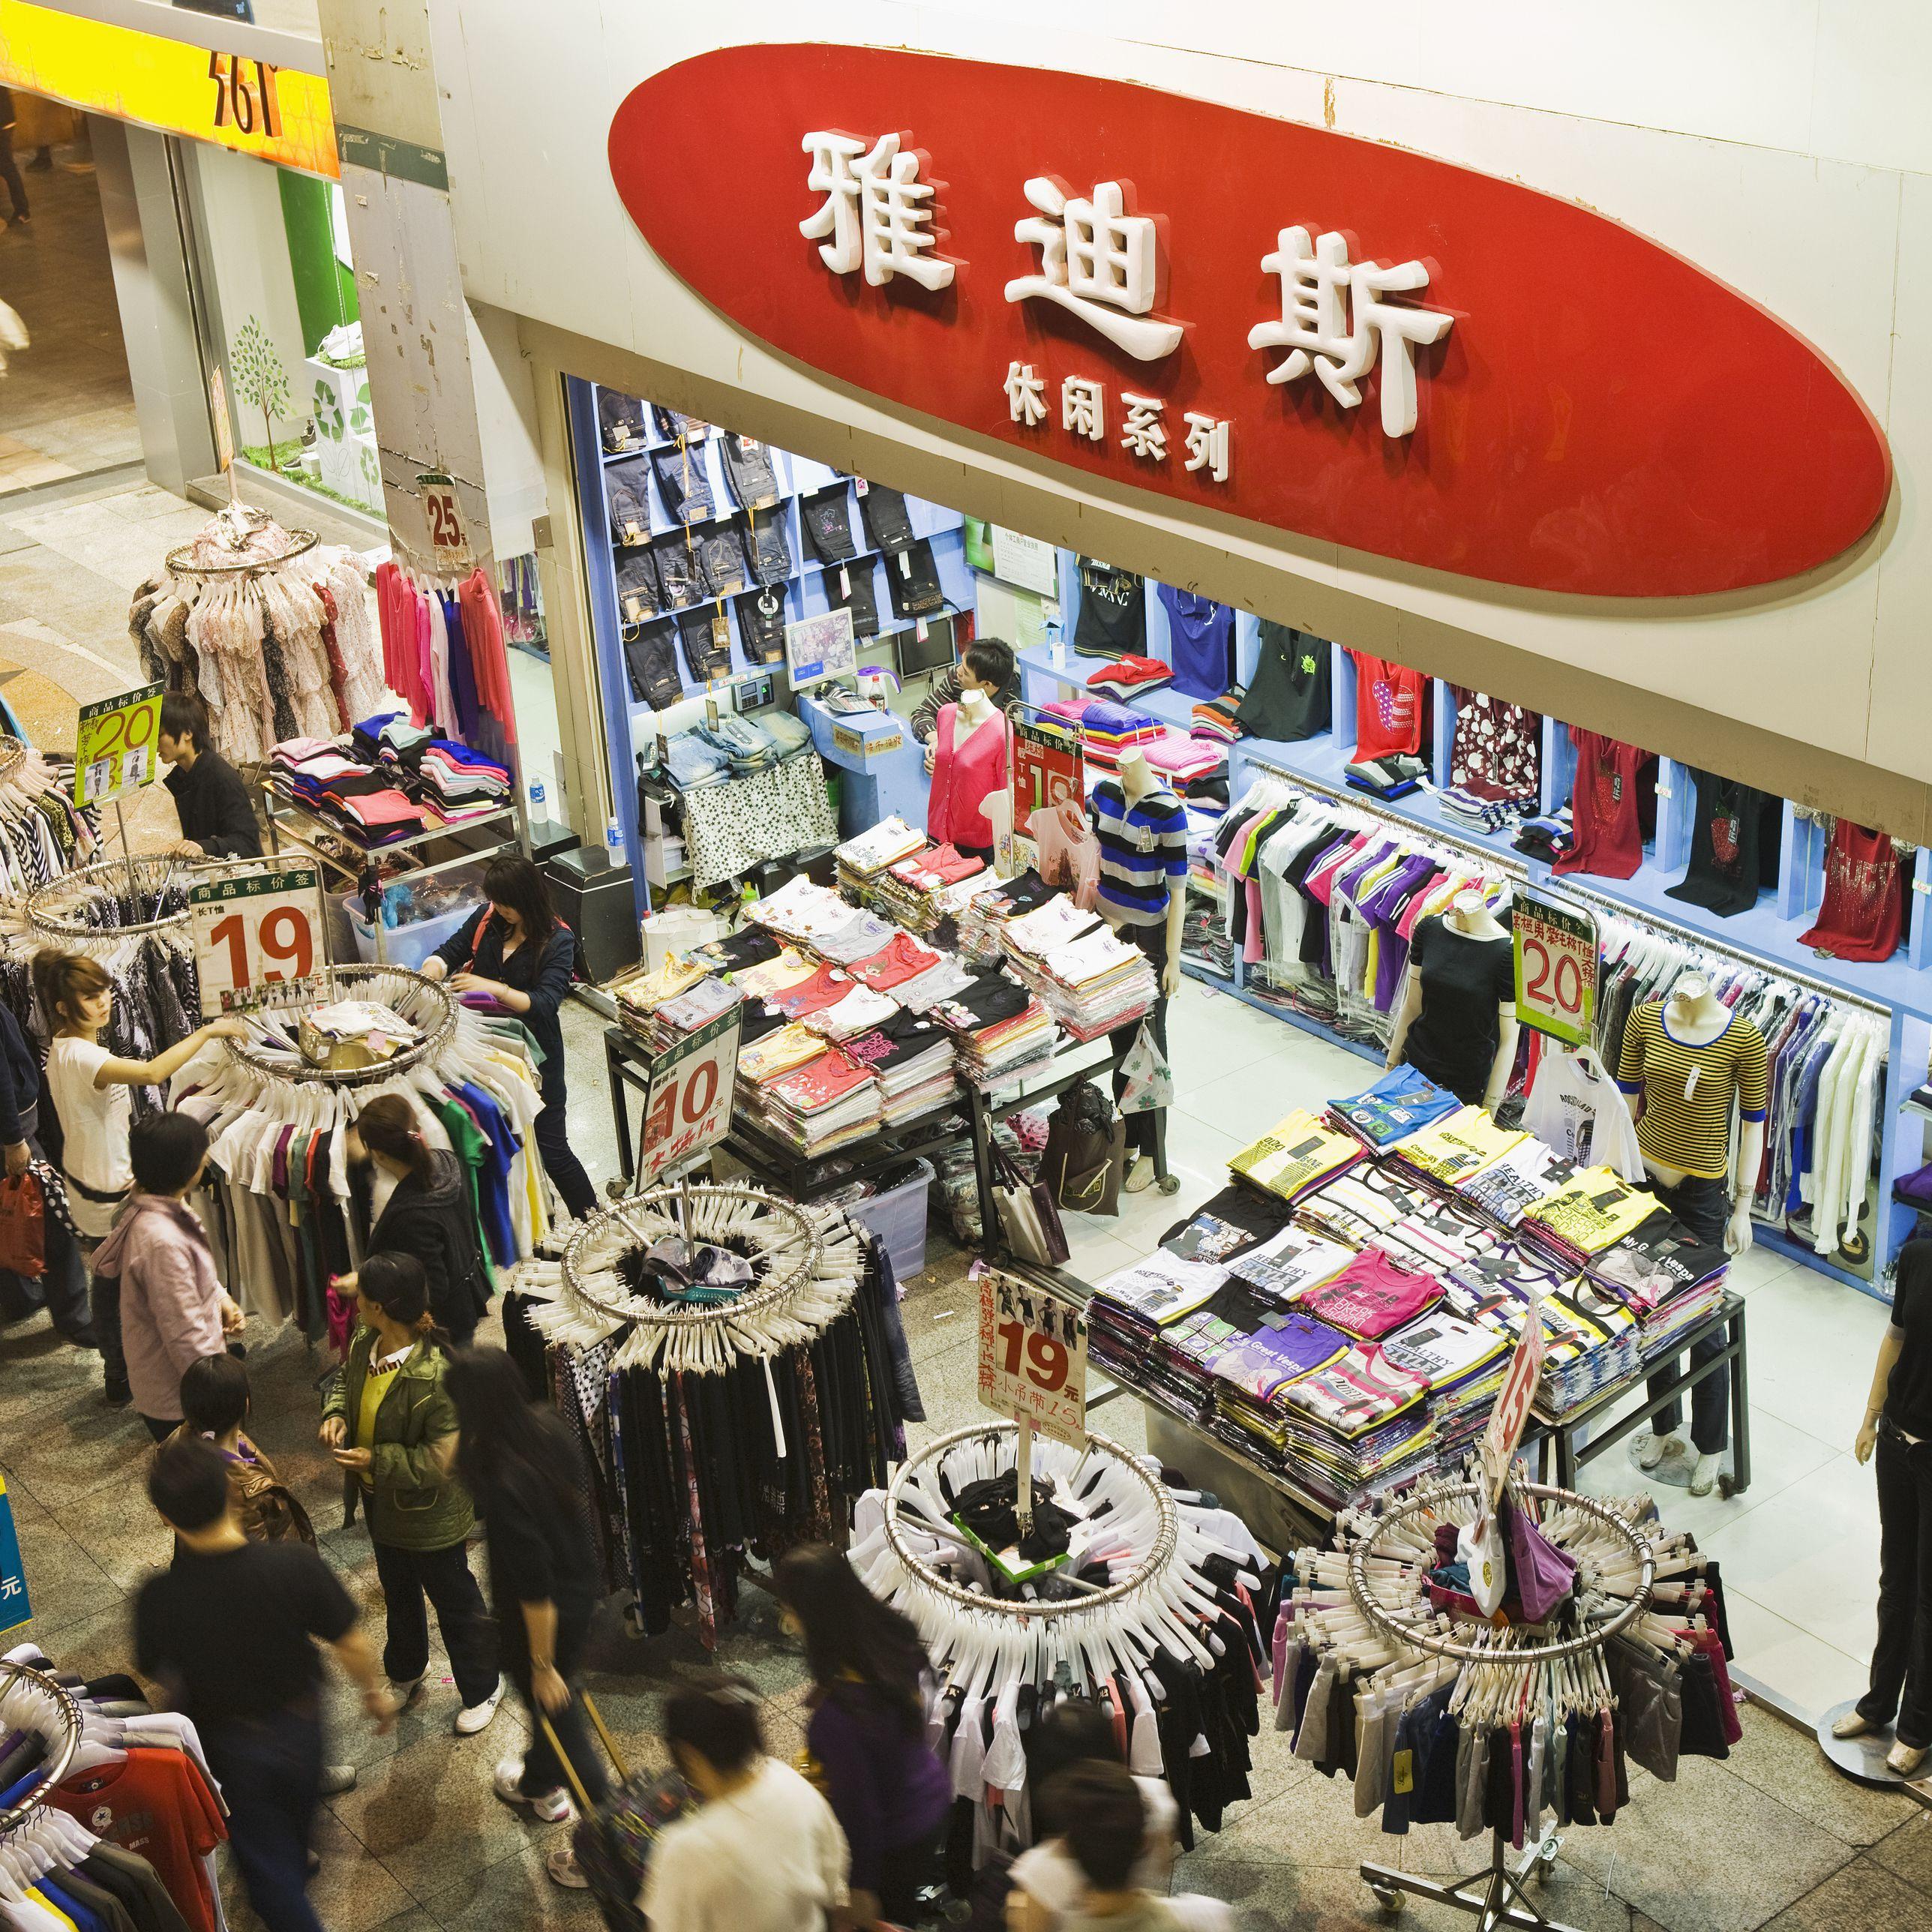 Shopping in Shenzhen From Hong Kong